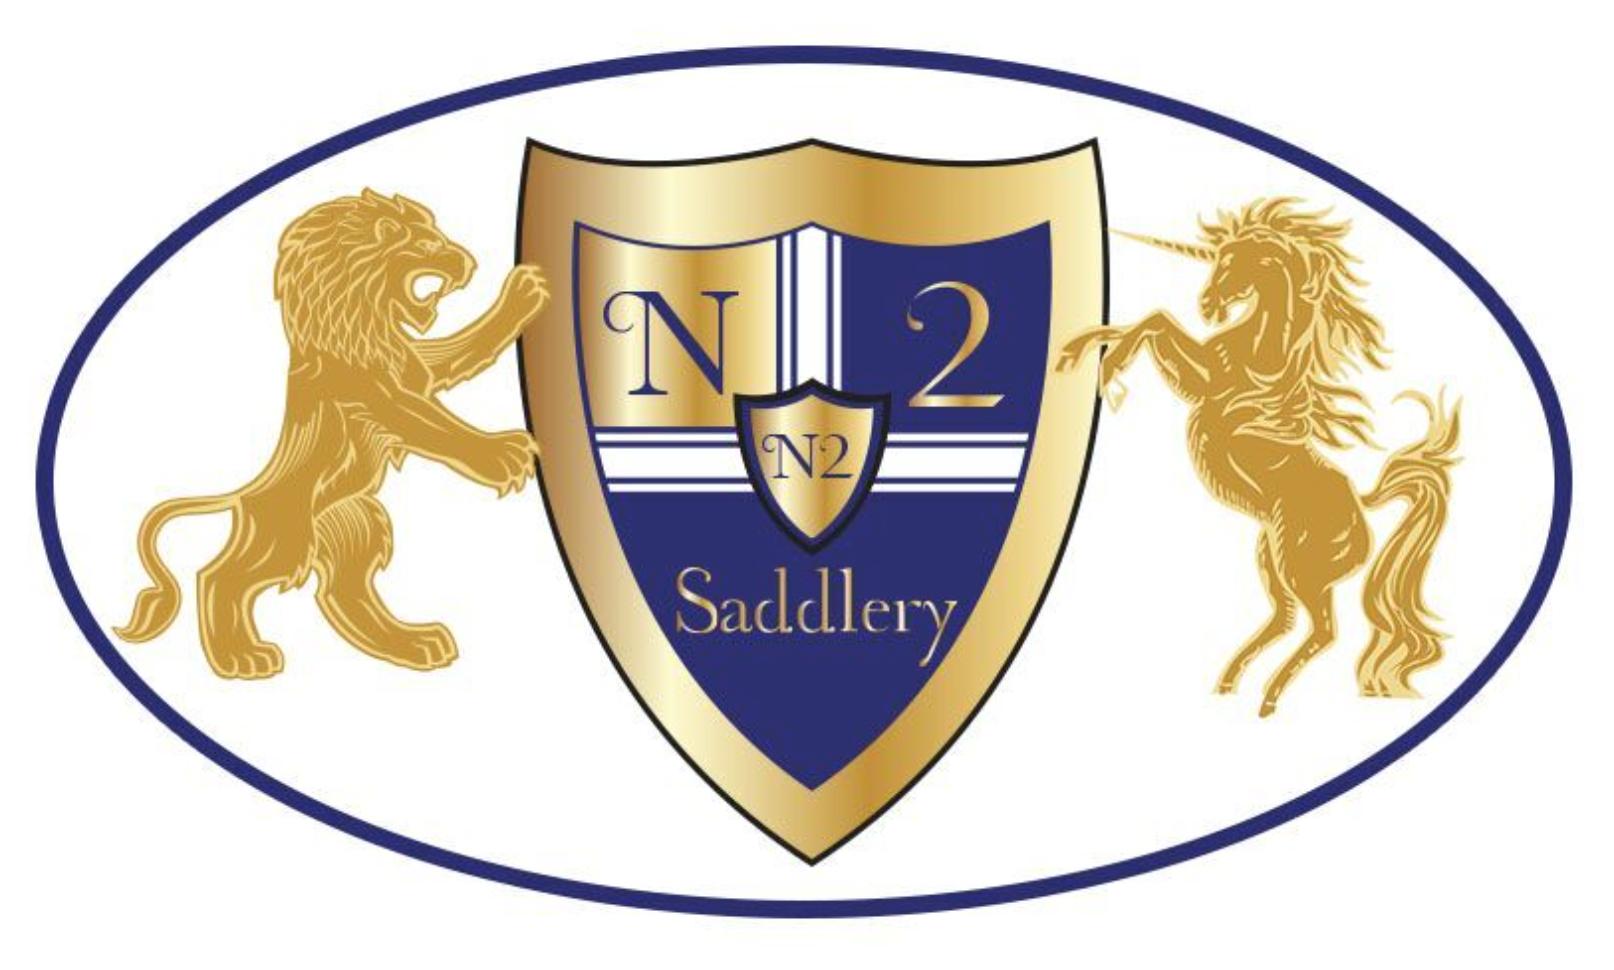 N2 Saddlery